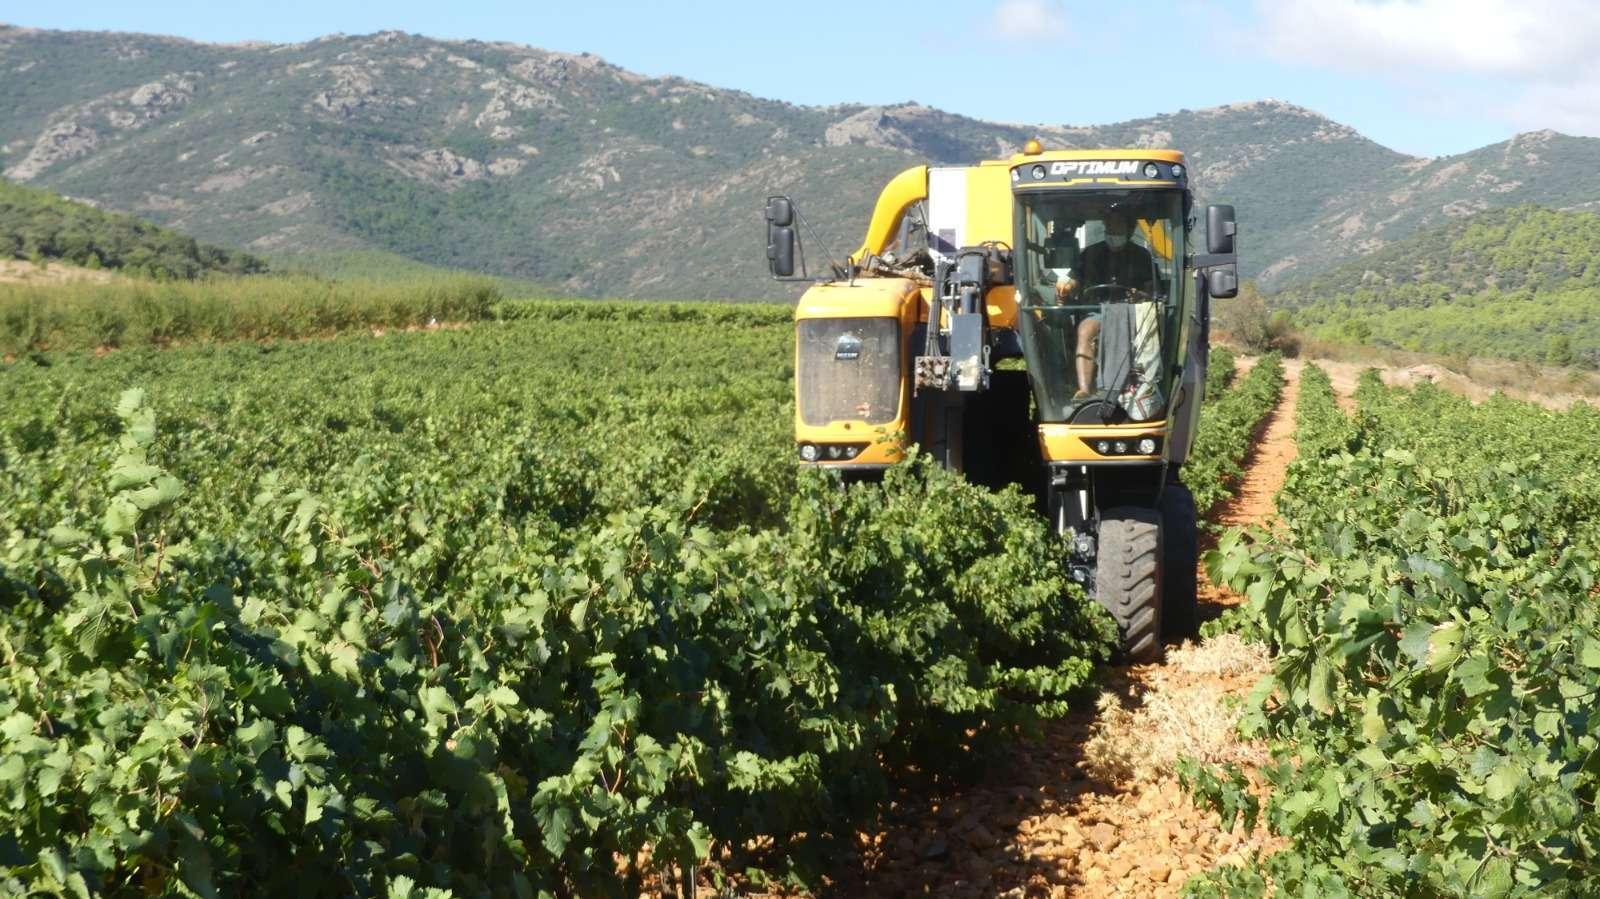 La D.O.P. Cariñena cierra una vendimia «excelente» con casi 92 millones de kilos de uva, un 65% más que en 2019